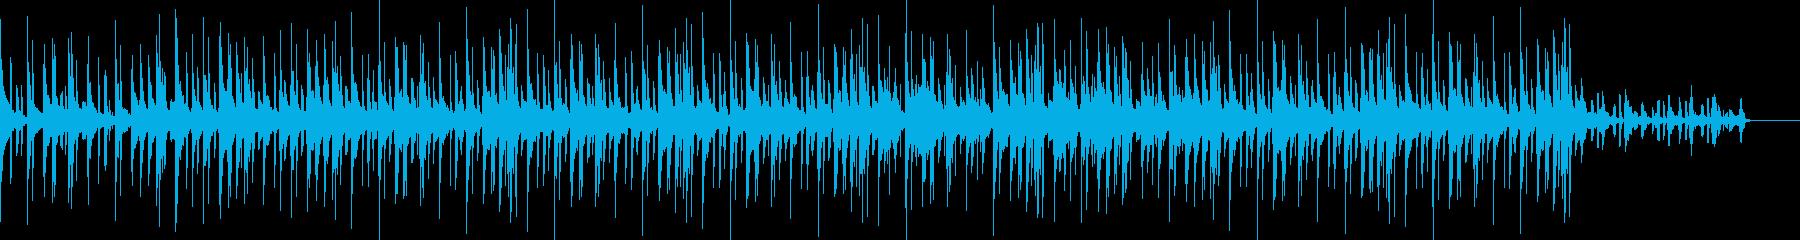 オシャレでファンクなヒップホップサウンドの再生済みの波形